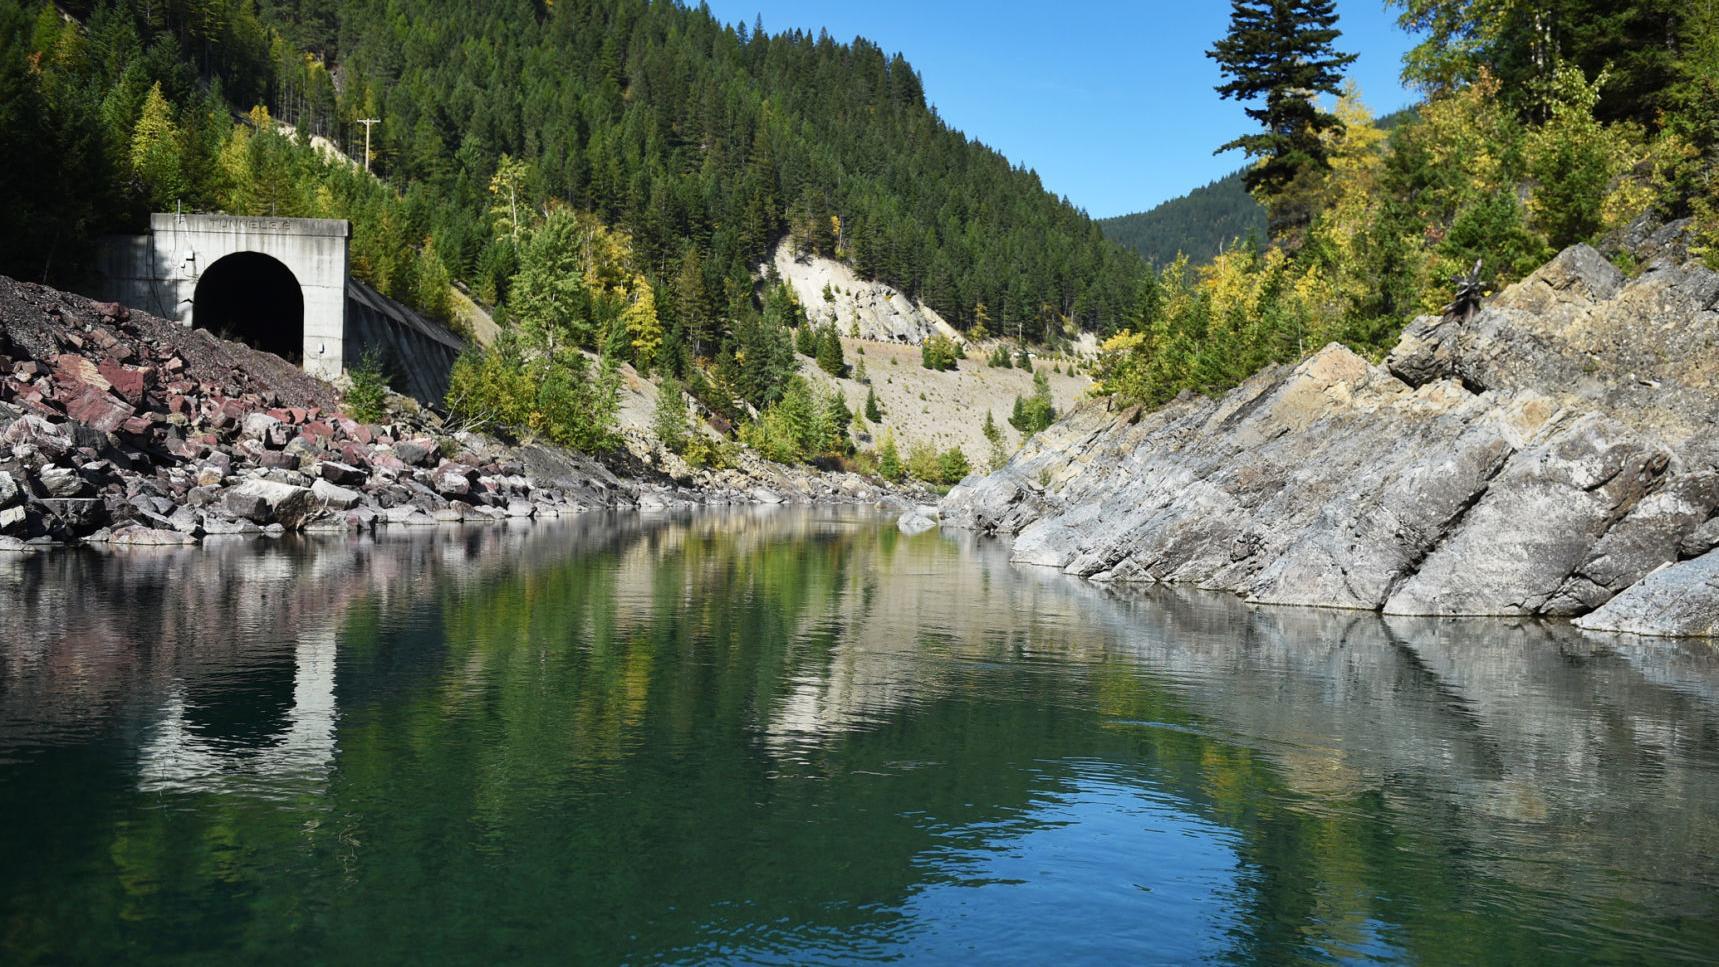 Flathead County eyes short-term rental rules for Glacier gateway